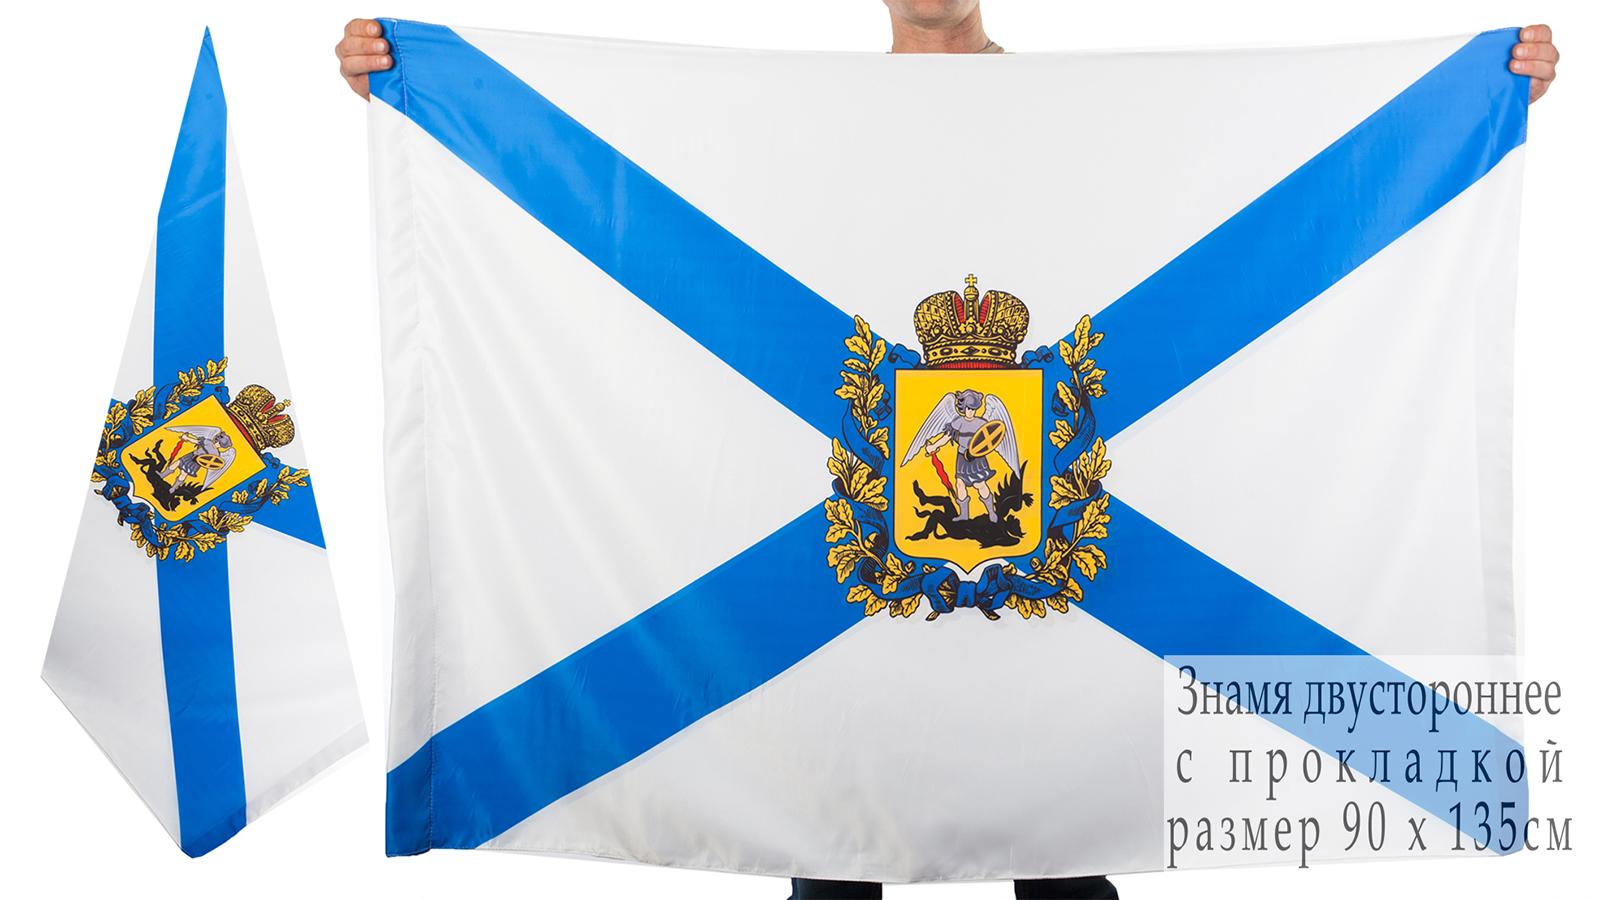 Двухсторонний флаг Архангельской области